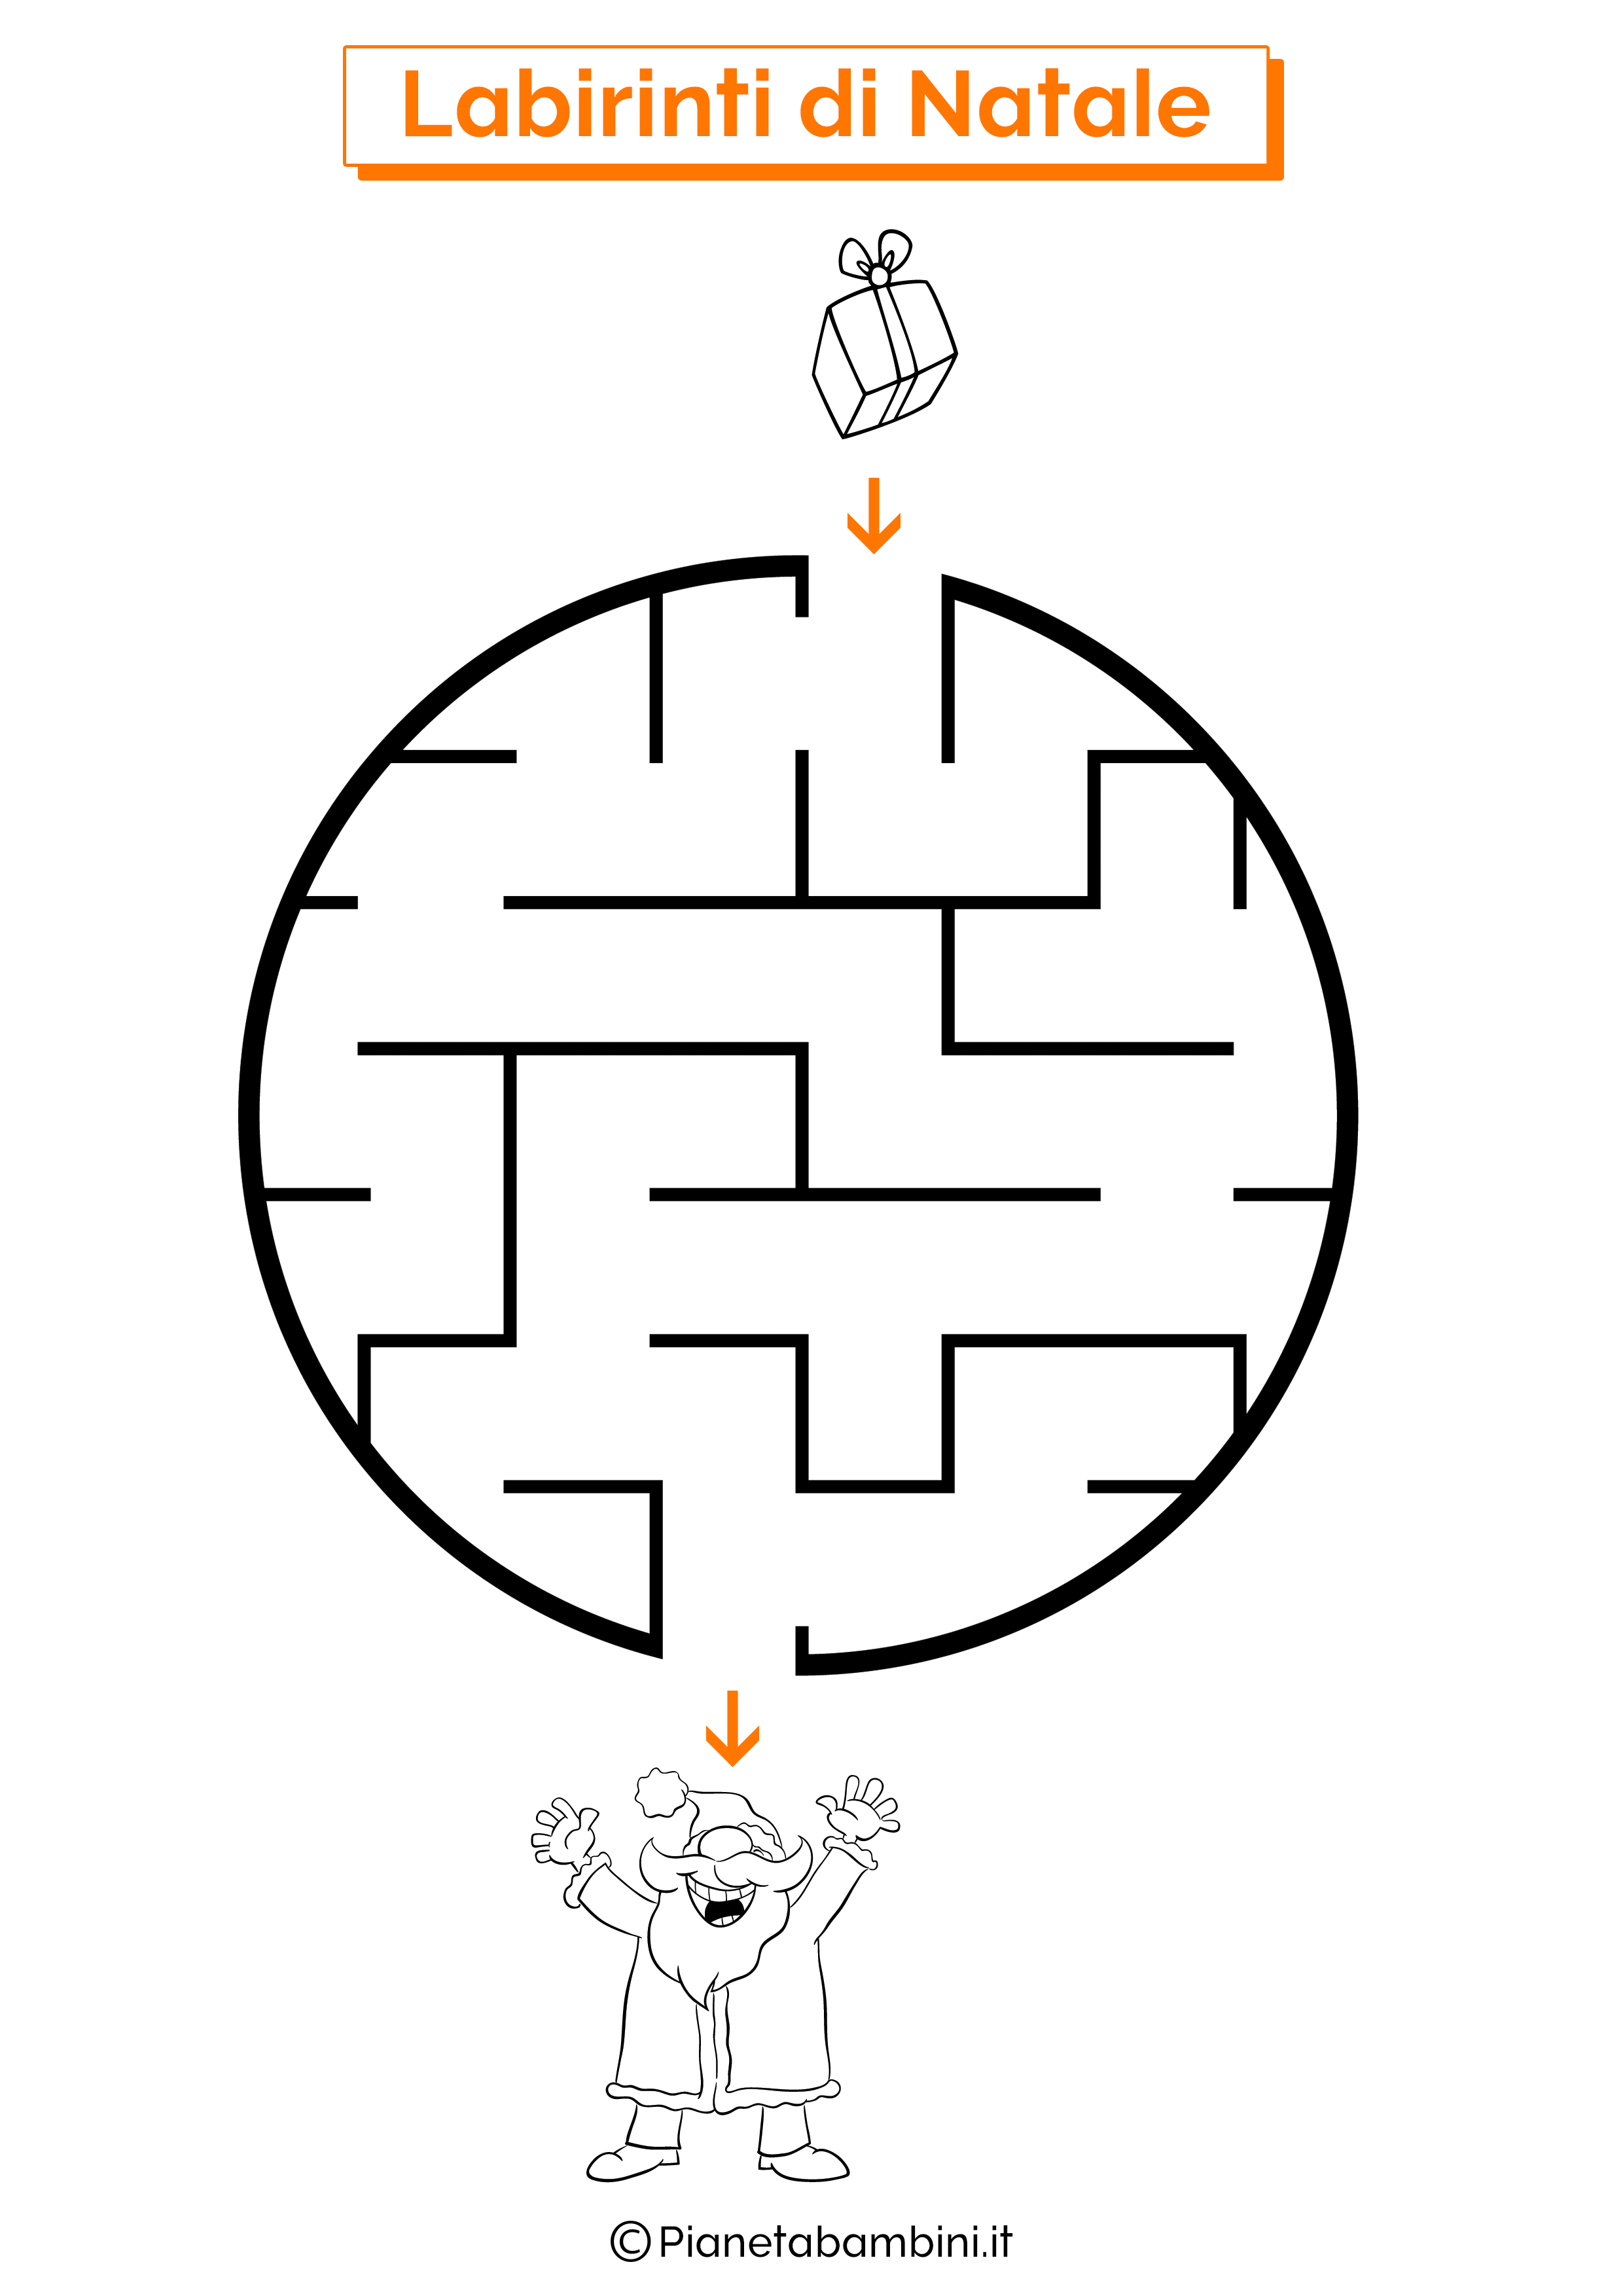 Labirinto di Natale da stampare 02